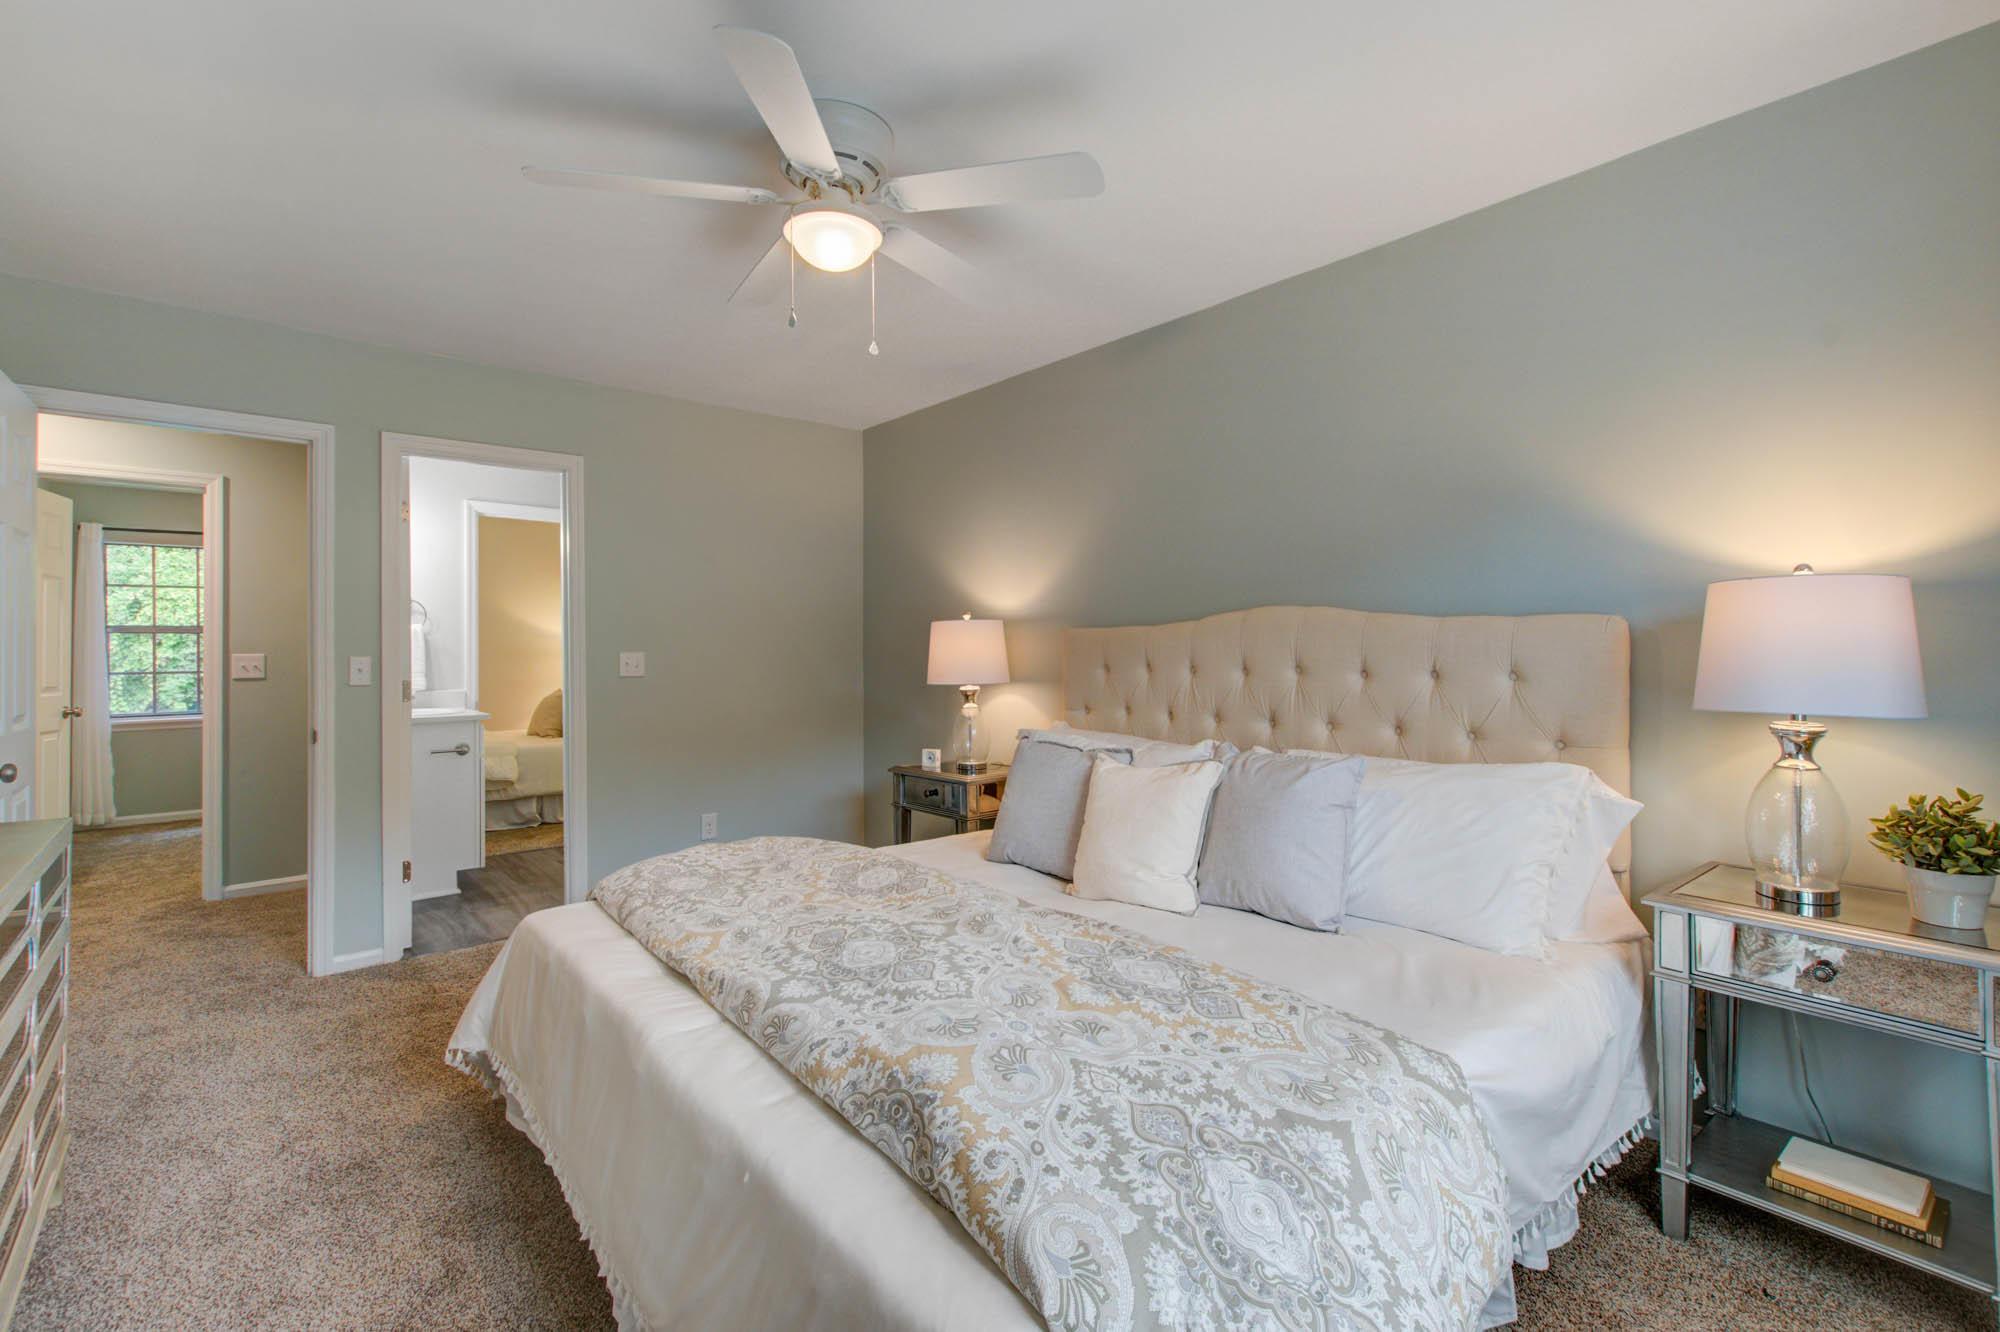 Wando East Homes For Sale - 1524 Nantahala, Mount Pleasant, SC - 5